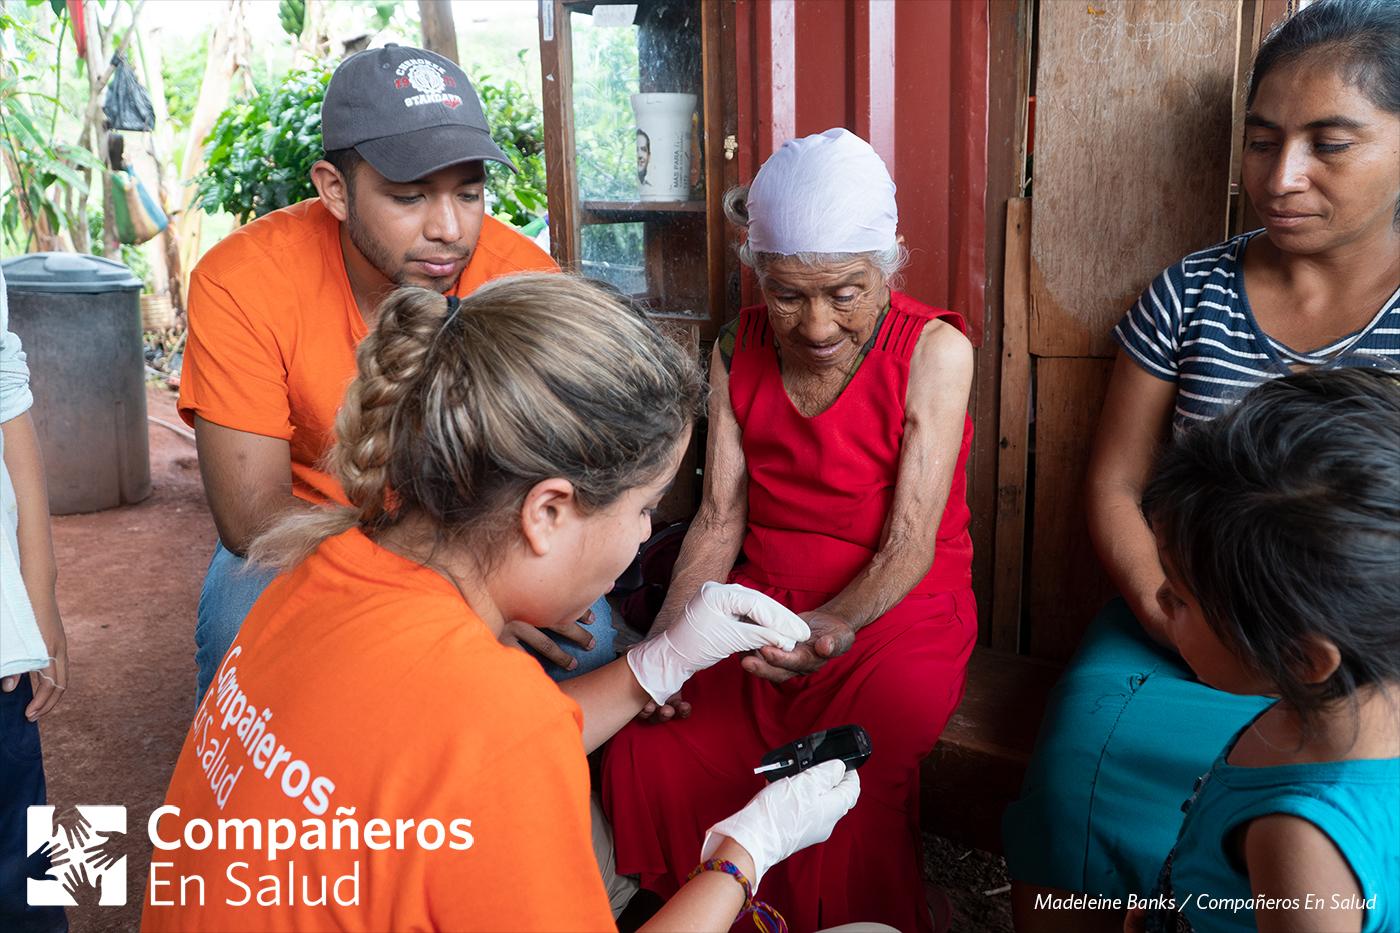 Foto: Gala Limón Saldivar, estudiante de medicina, mide el nivel de glucosa de doña Luisa mientras su hija Rosalinda, su nieta Kenia, y el supervisor clínico de Compañeros En Salud, Argel Martinez, observan.